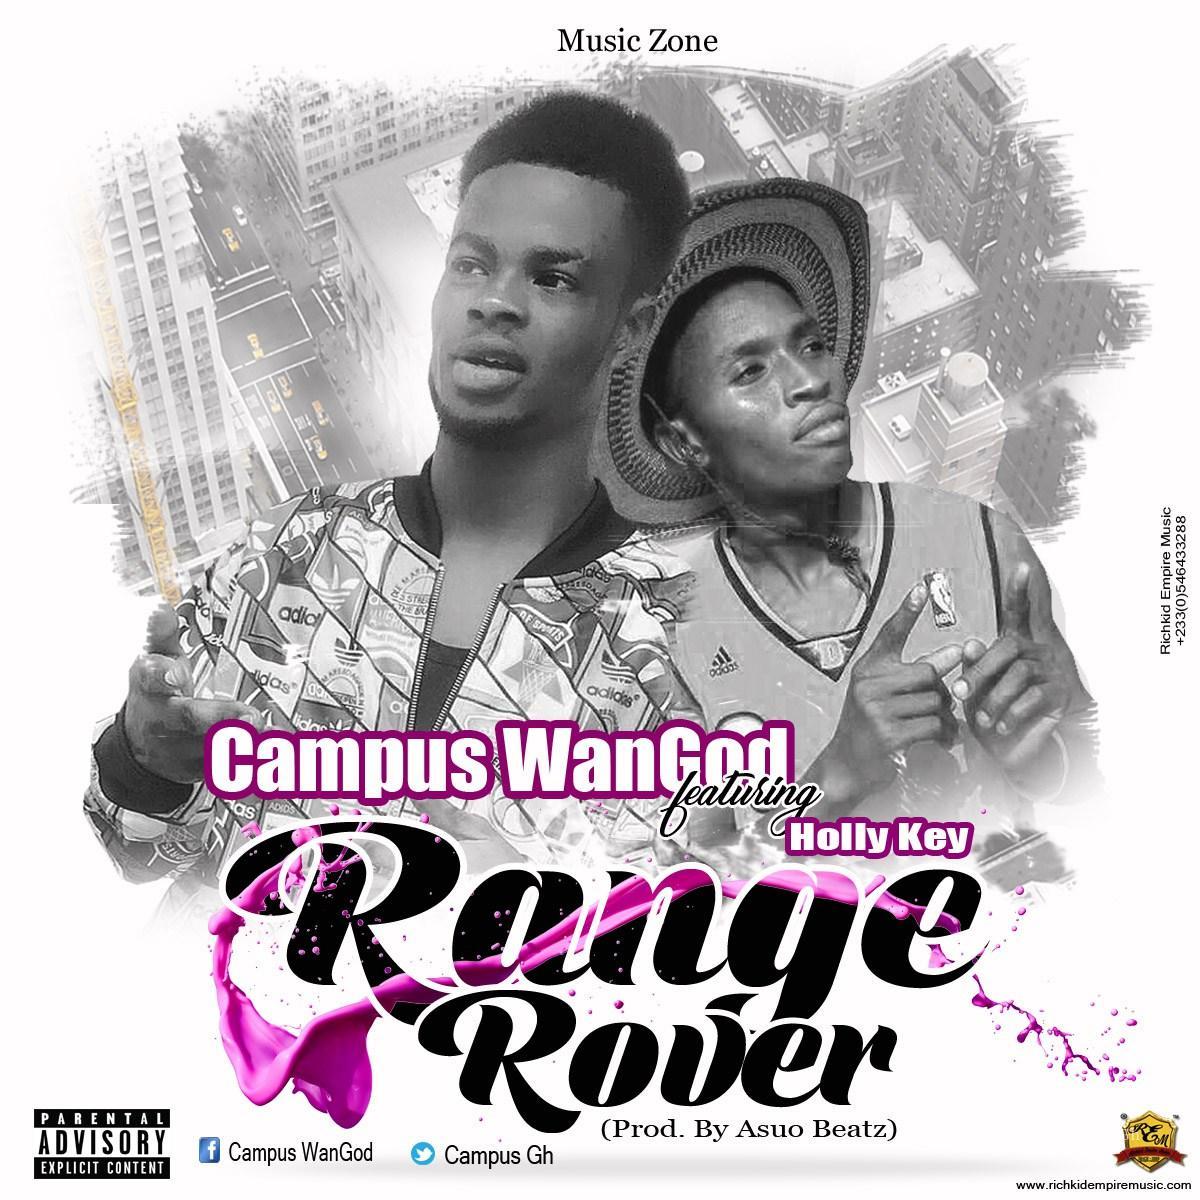 Campus WanGod – Range Rover (ft. Holly Key) (Prod. By Asuo Beatz)